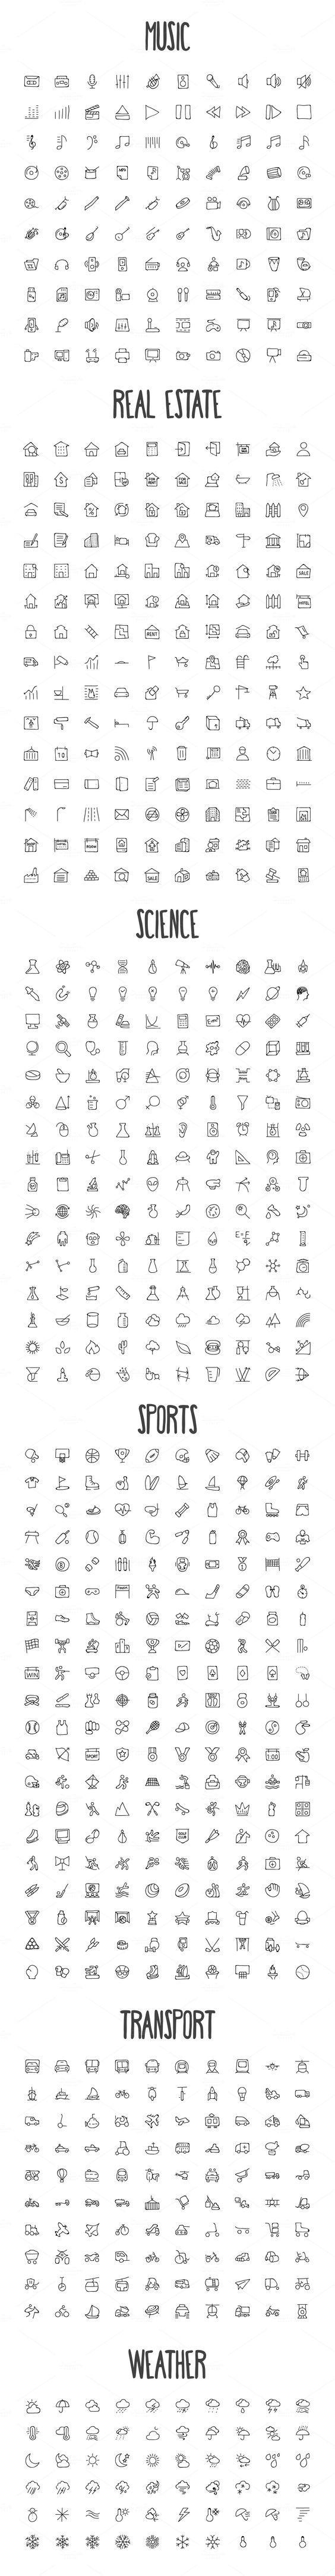 Tiny logos